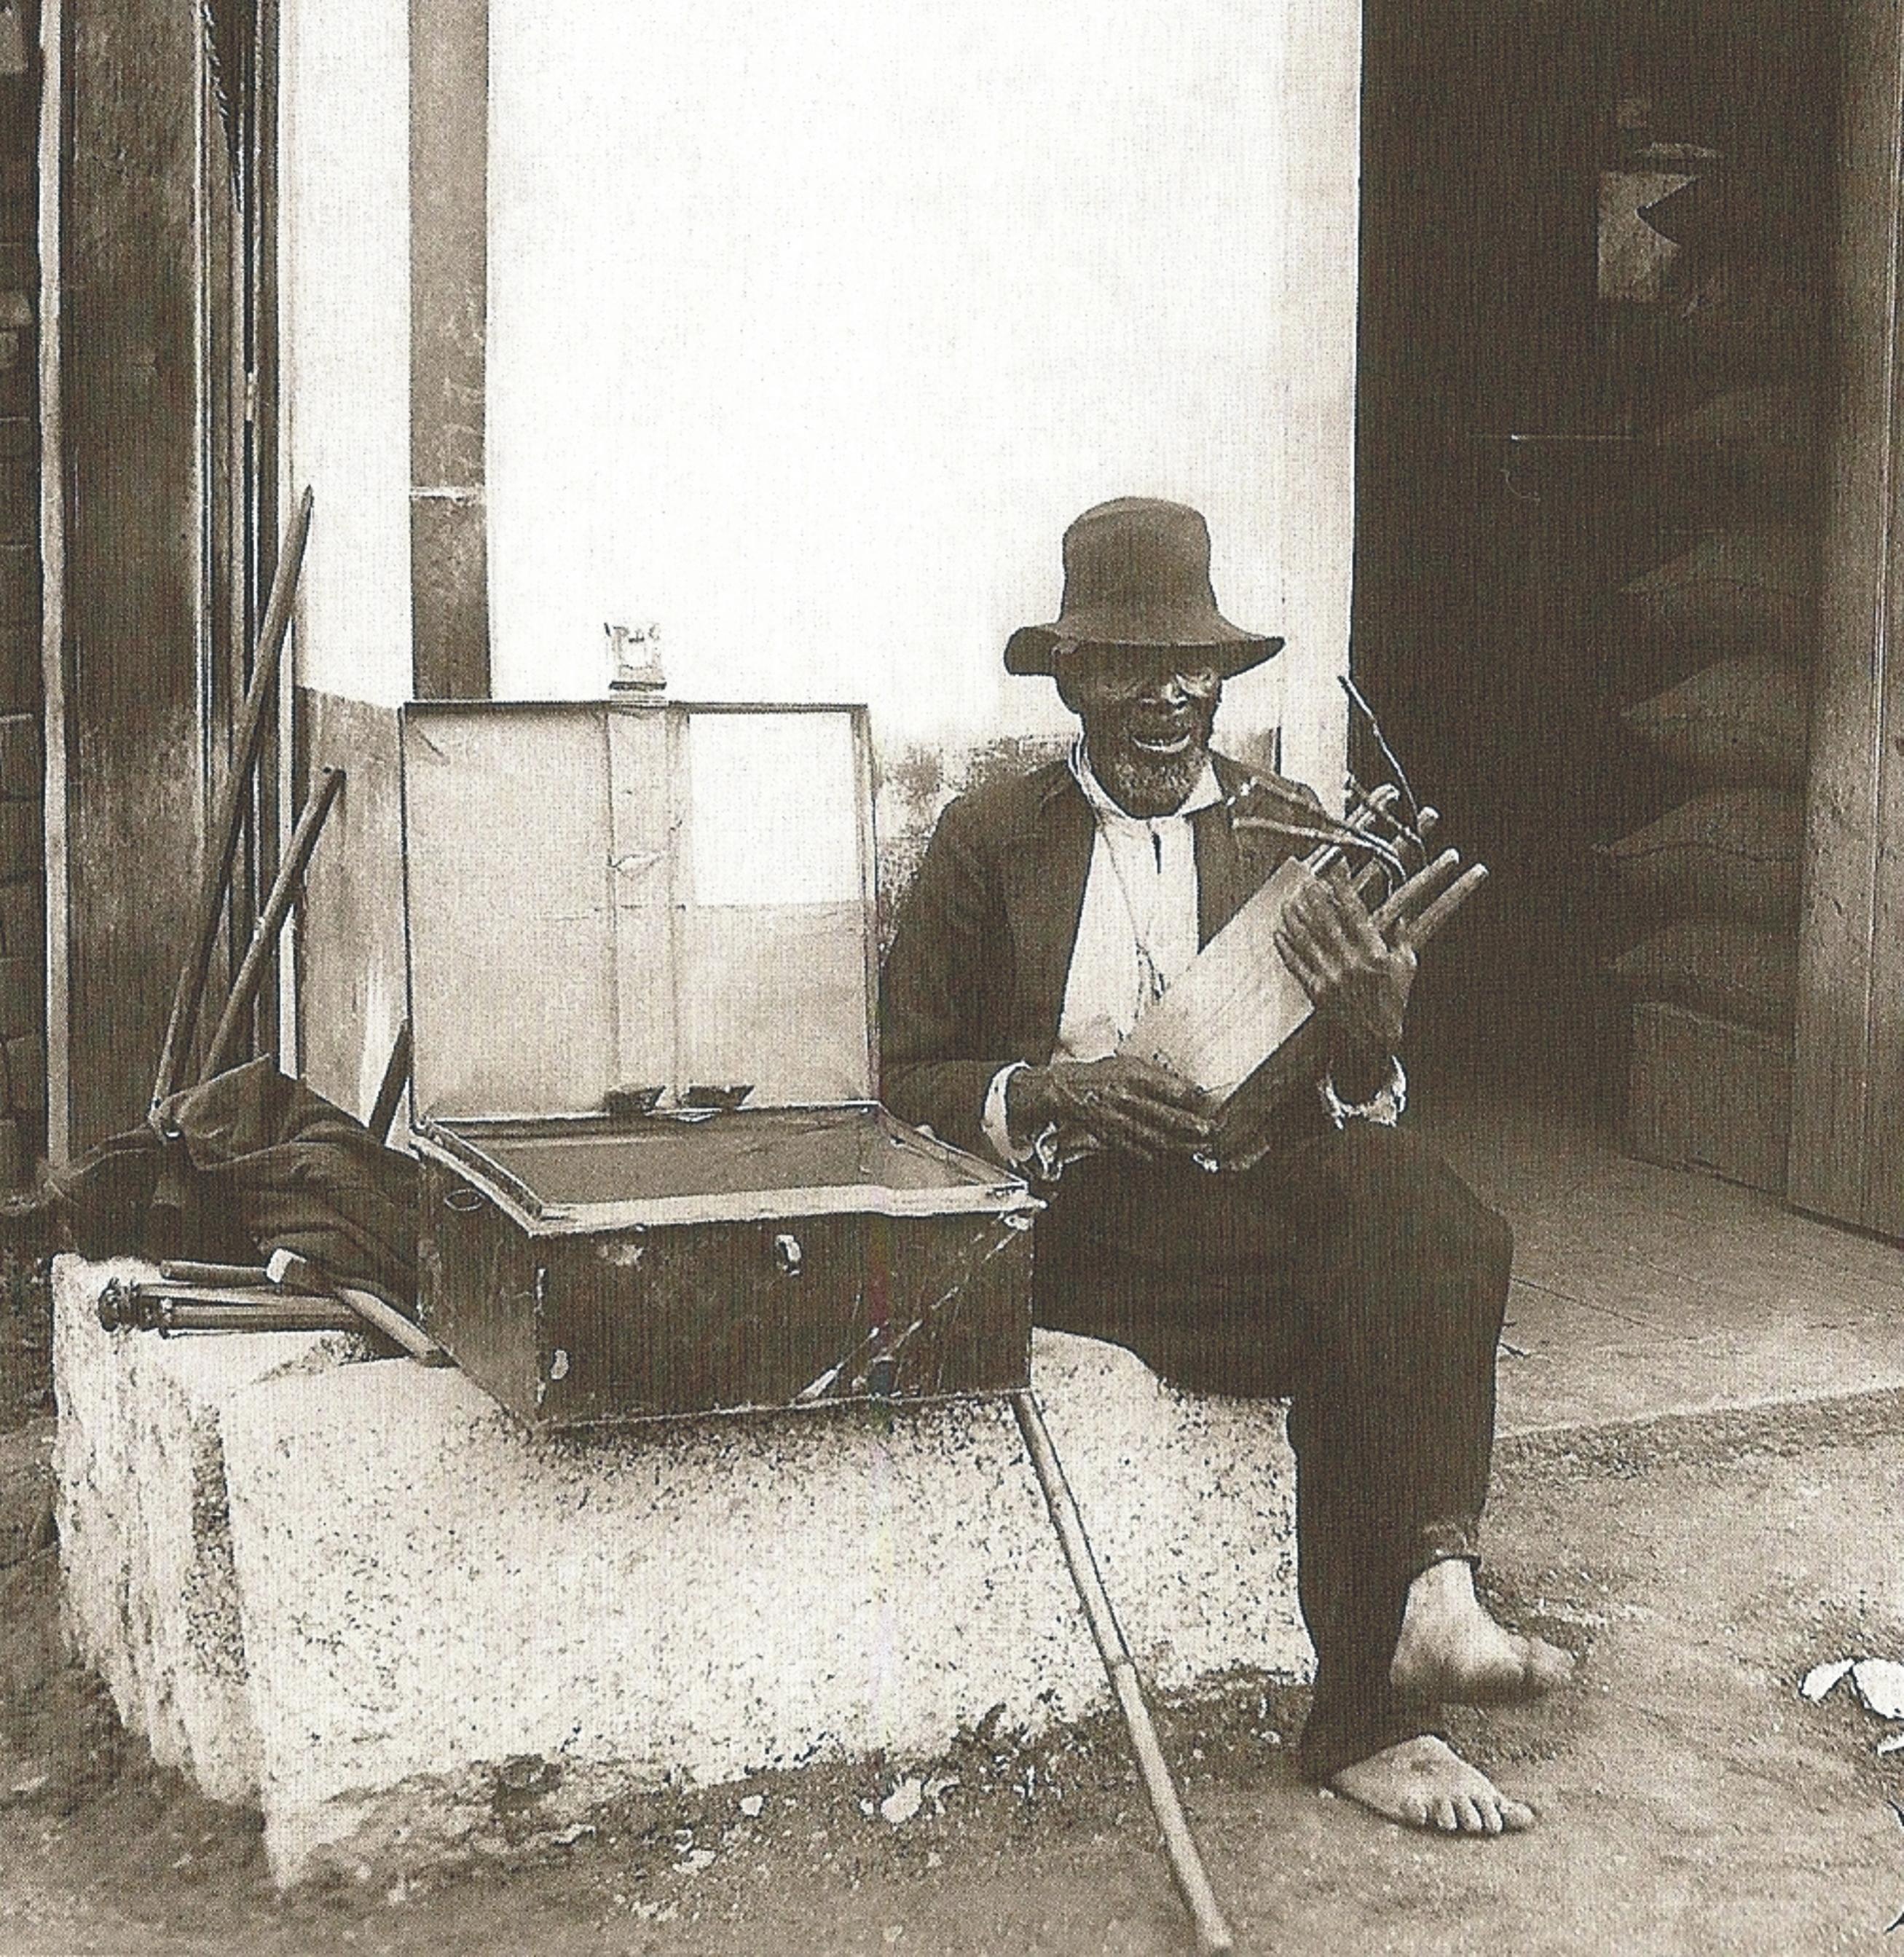 Músico segurando uma chihumba. Foto de autor desconhecido. Fonte: Ermakoff, 2004.